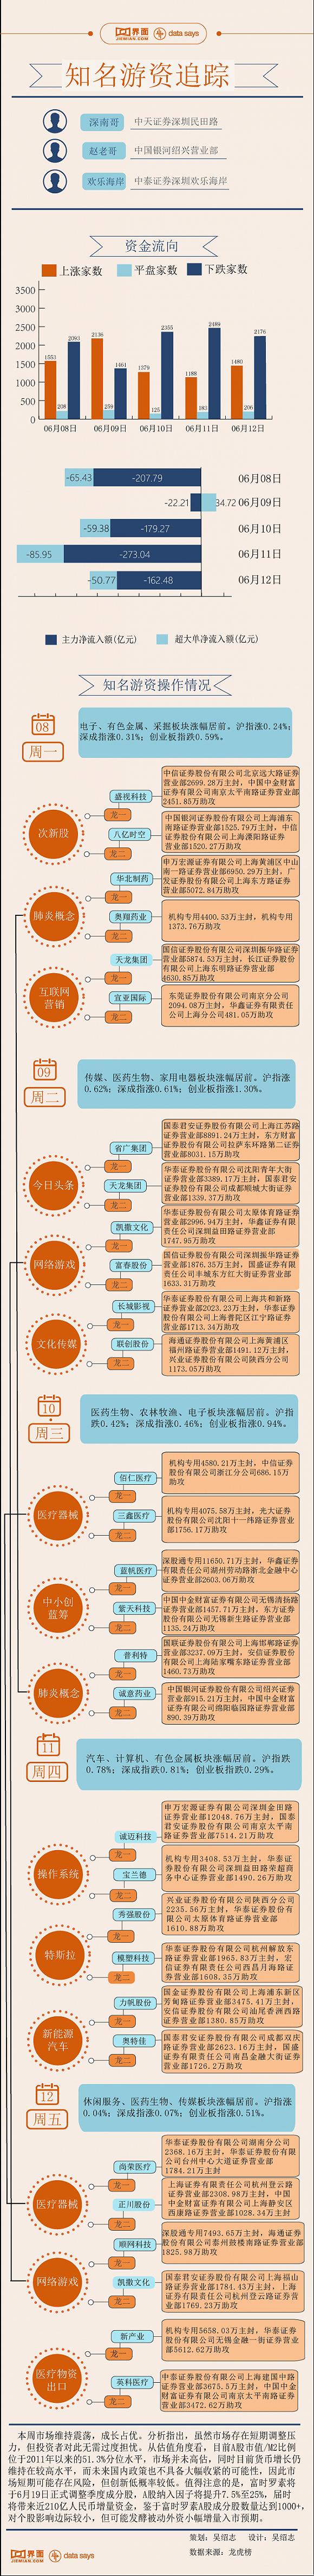 《【鹿鼎在线娱乐注册】特斯拉概念热度持久 1.9亿资金打板诚迈科技》